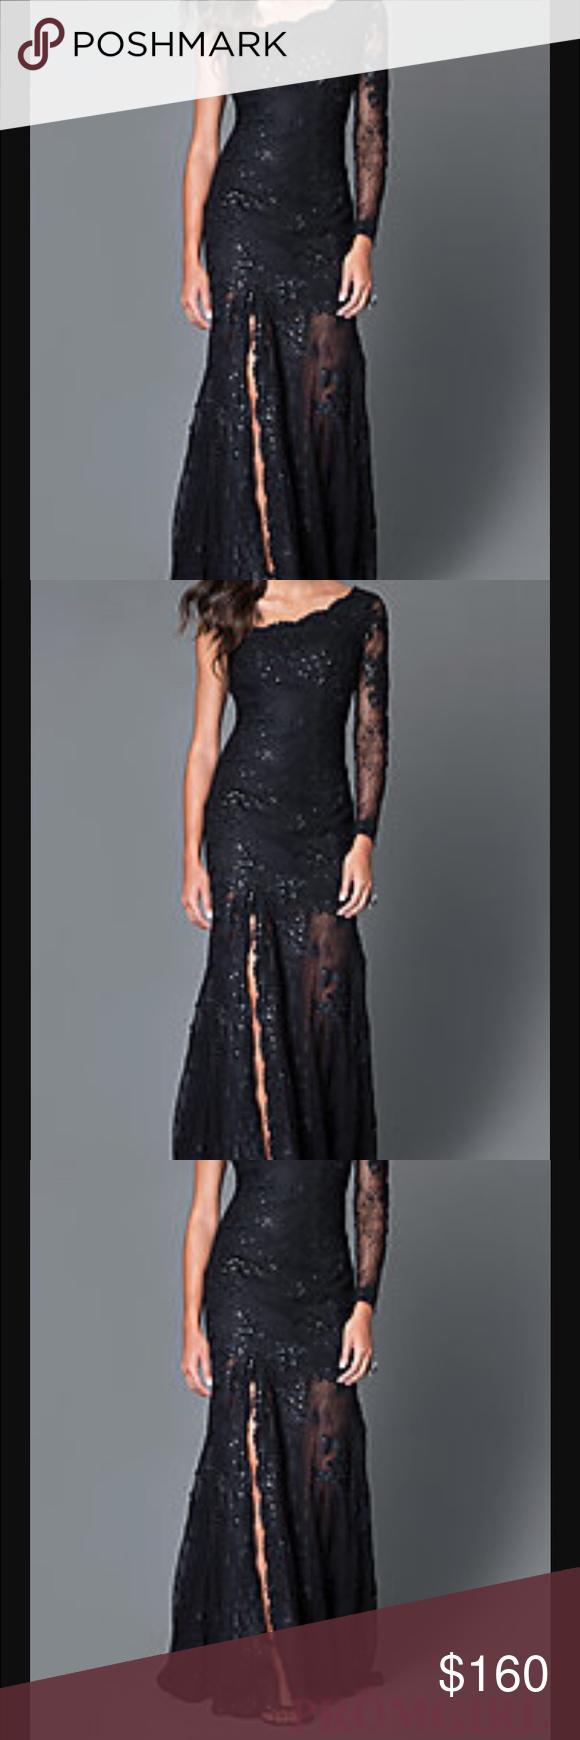 Beautiful black formal prom dress nwt formal prom dresses formal